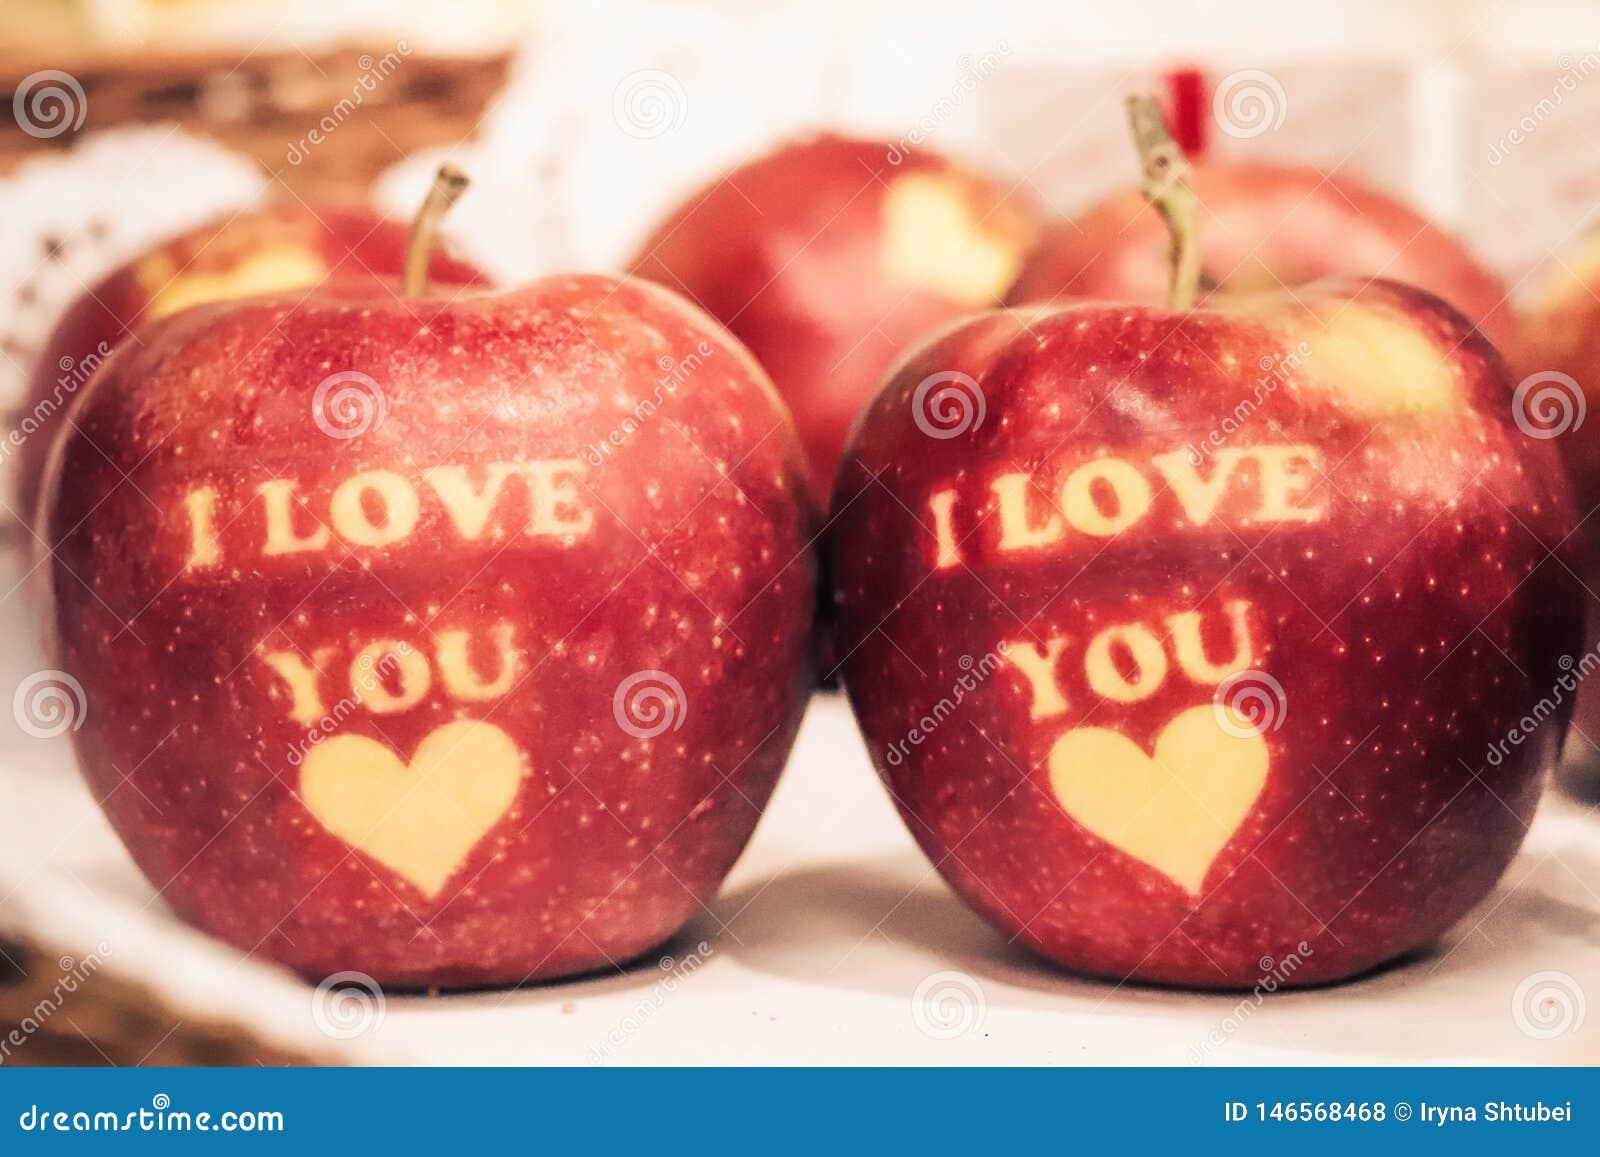 Eu te amo escrito em ma??s vermelhas